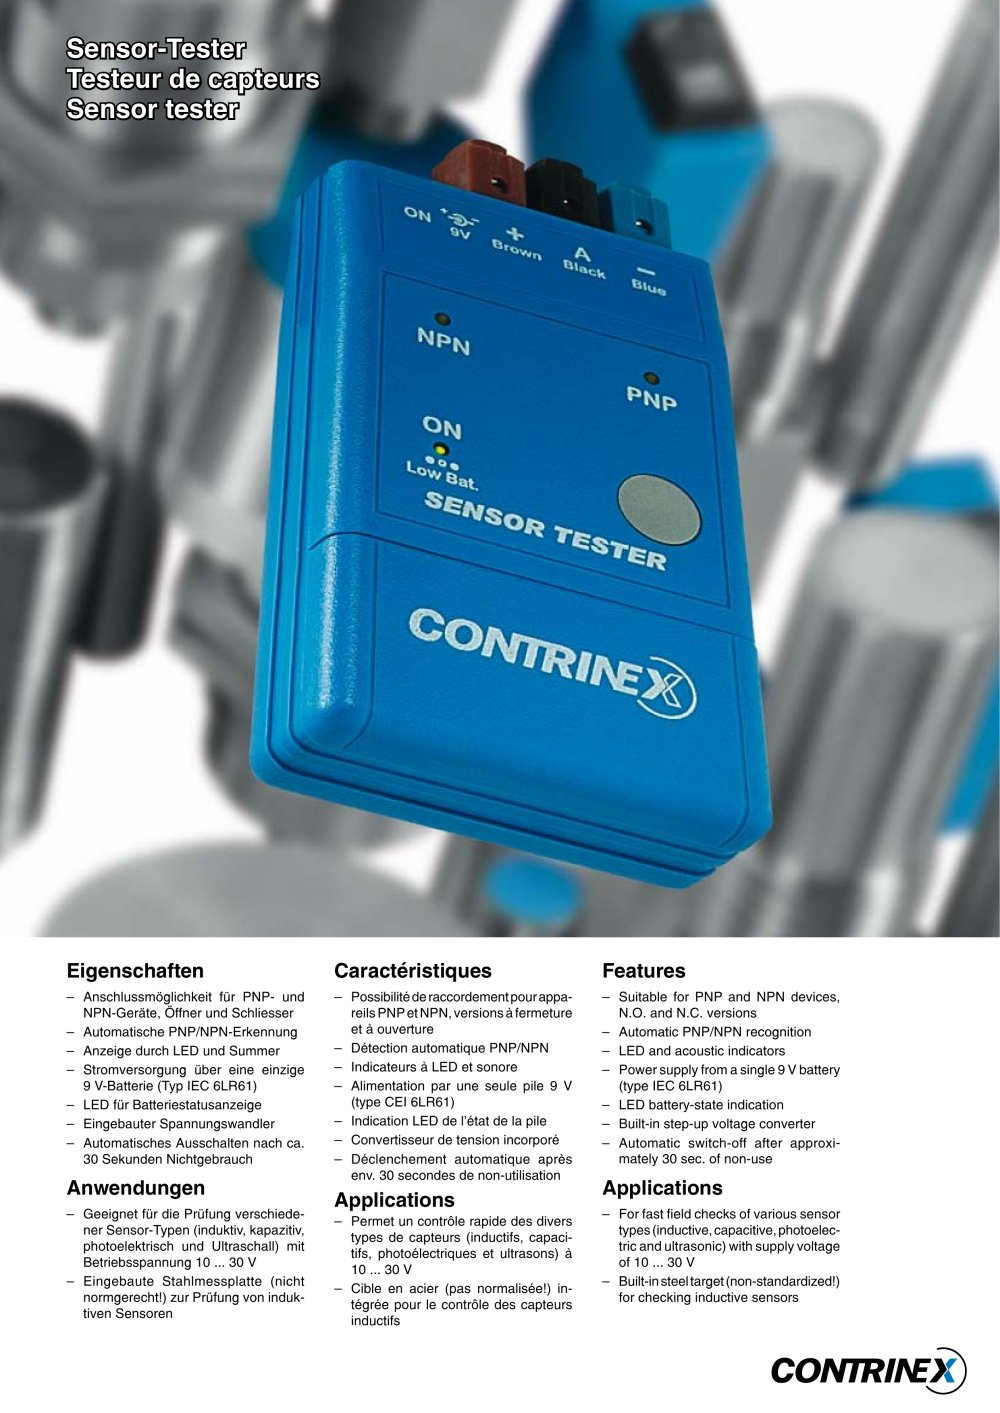 Sensor-Tester - CONTRINEX - PDF Catalogue | Technical Documentation ...